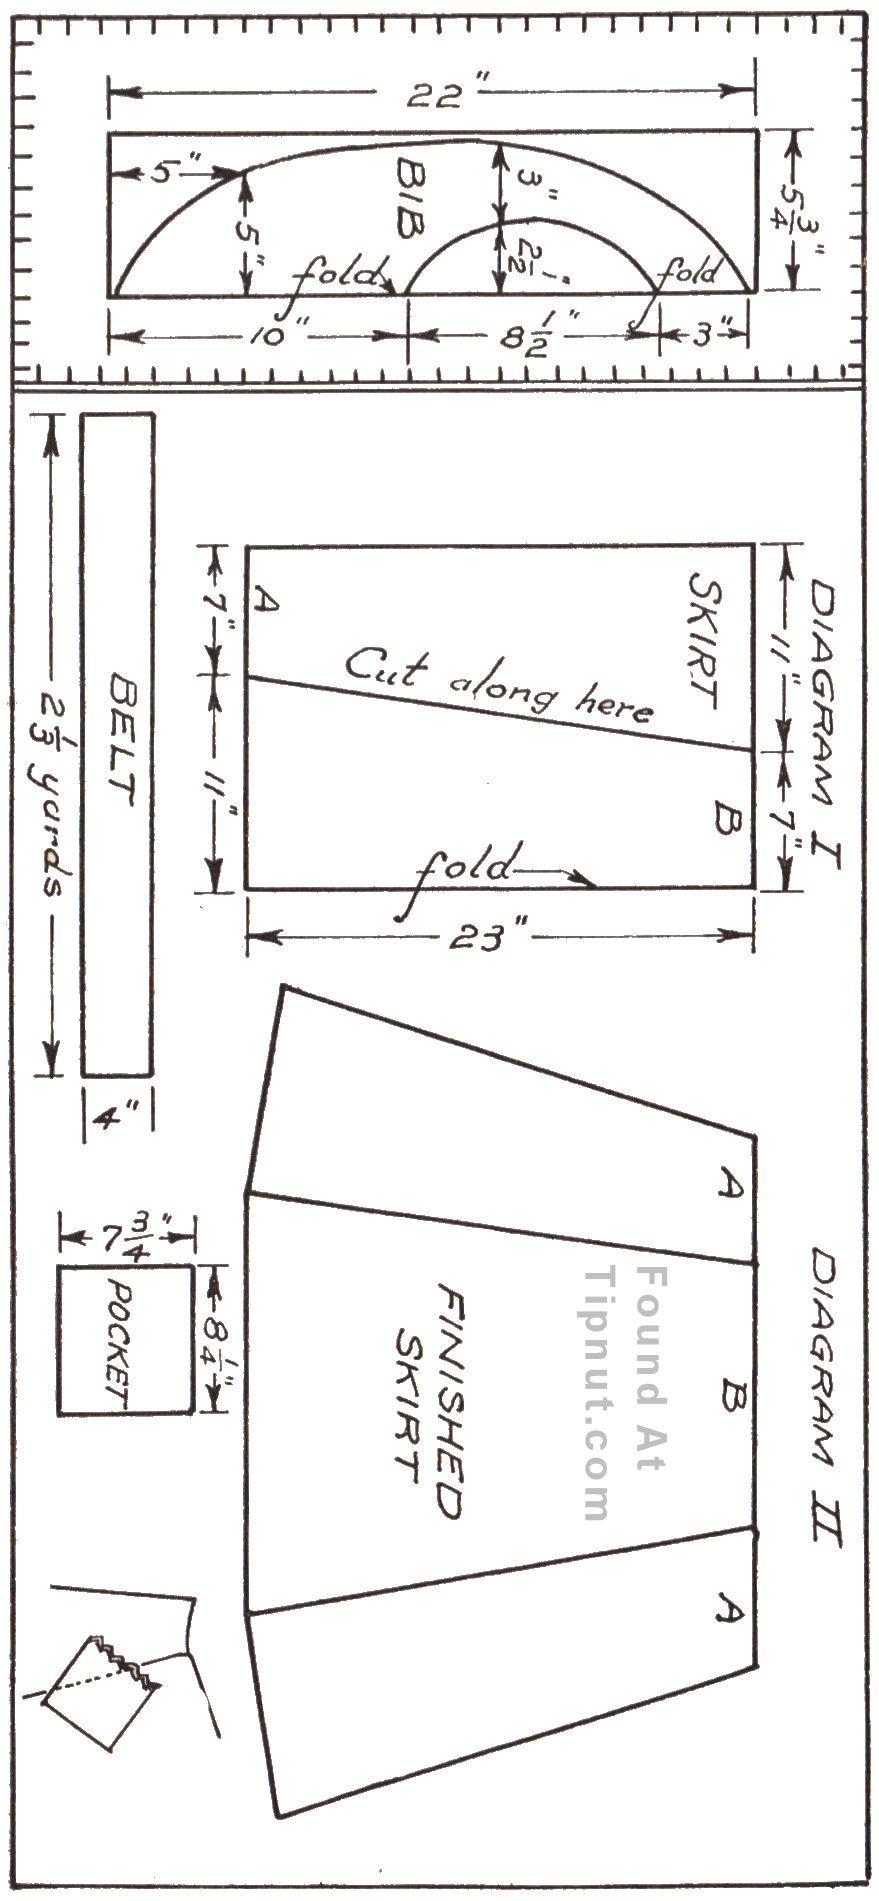 seersucker-apron-pattern.jpg 879×1.901 pixels | manteles ...